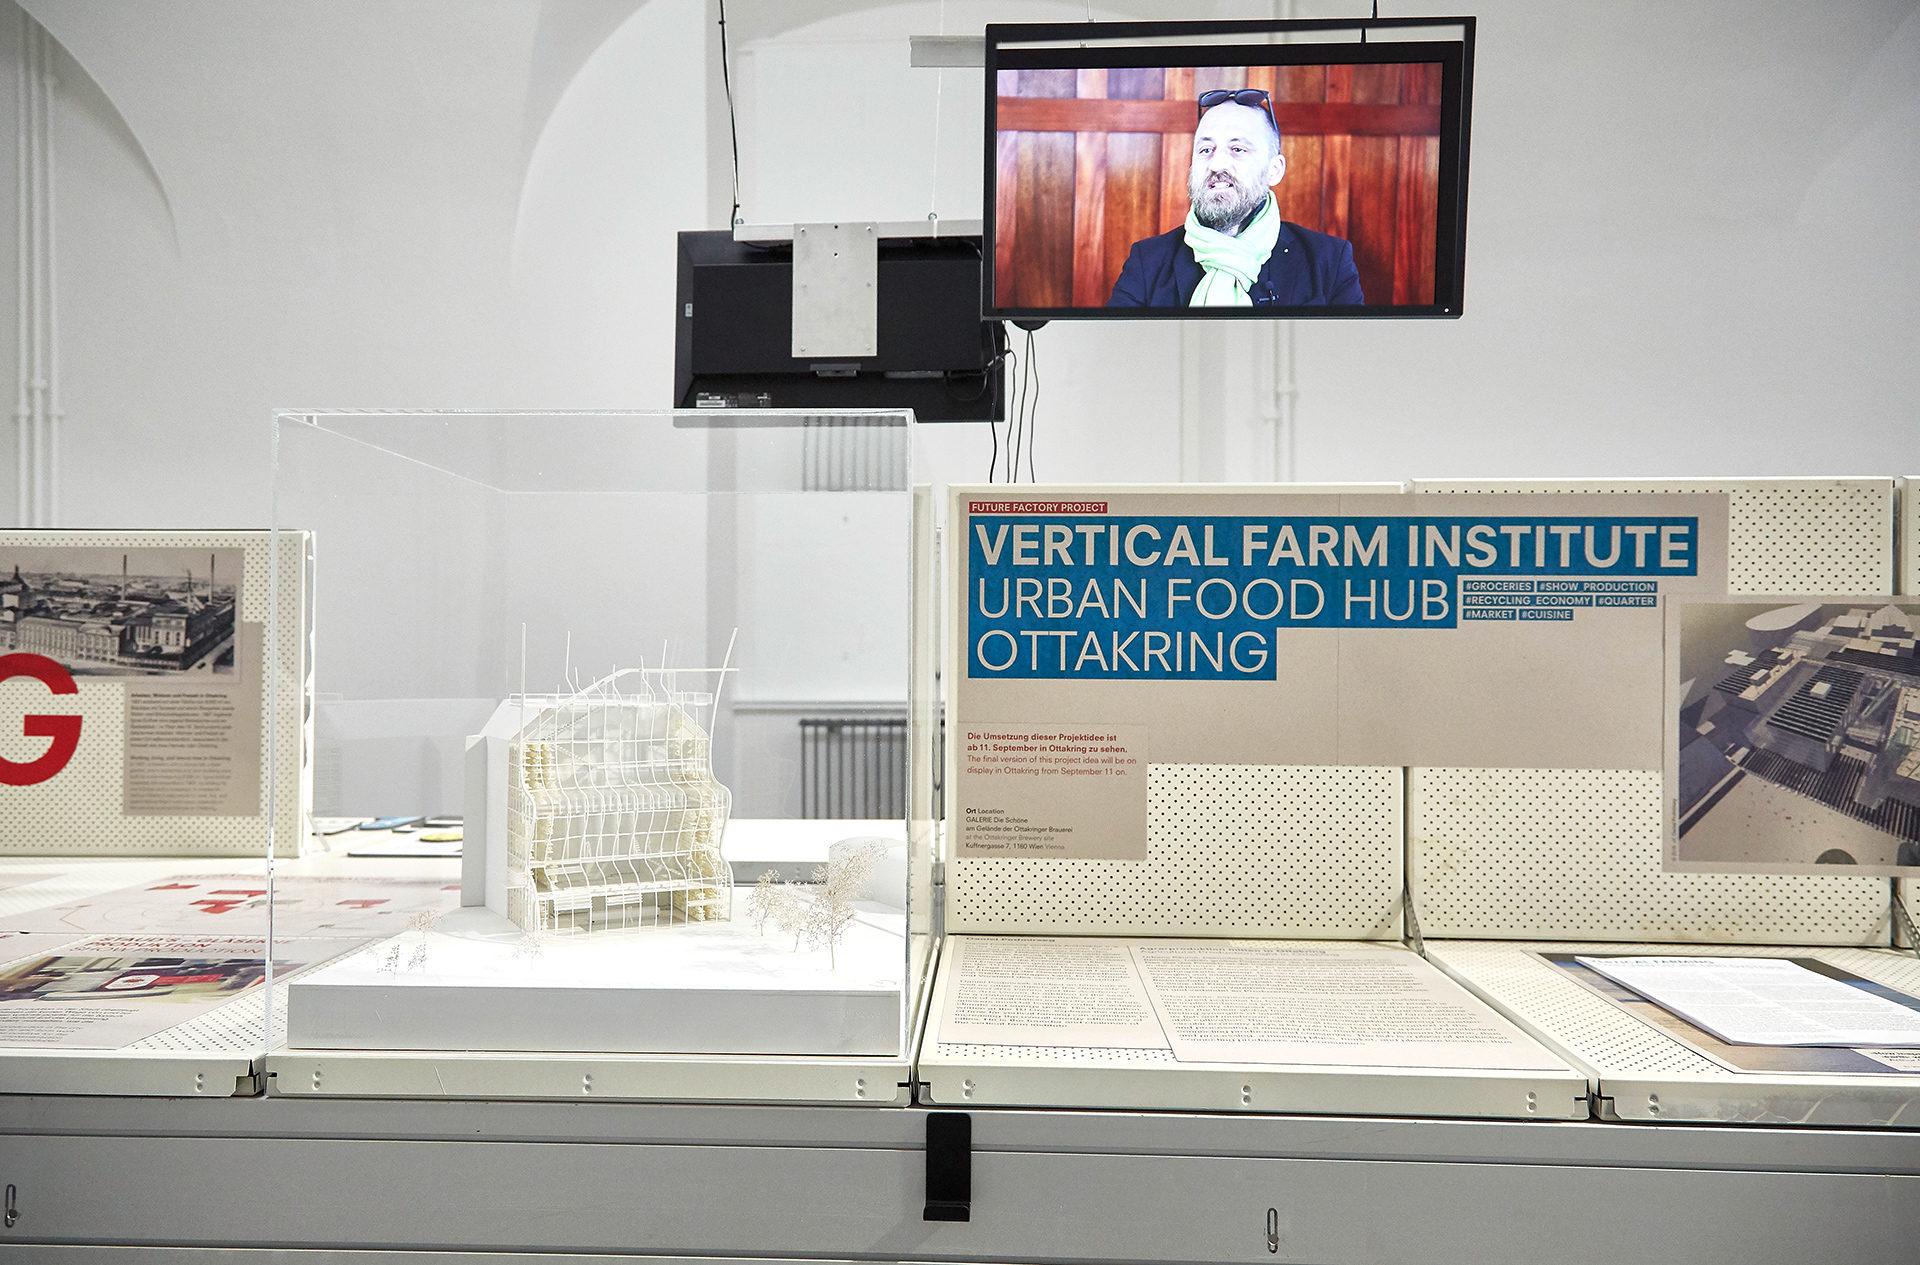 Projektbeispiel aus der Ausstellung Future Factory, das Vertical Farm Institute mit Architekturmodell und einem Interview mit Gründer Daniel Podmirseg auf einem Bildschirm